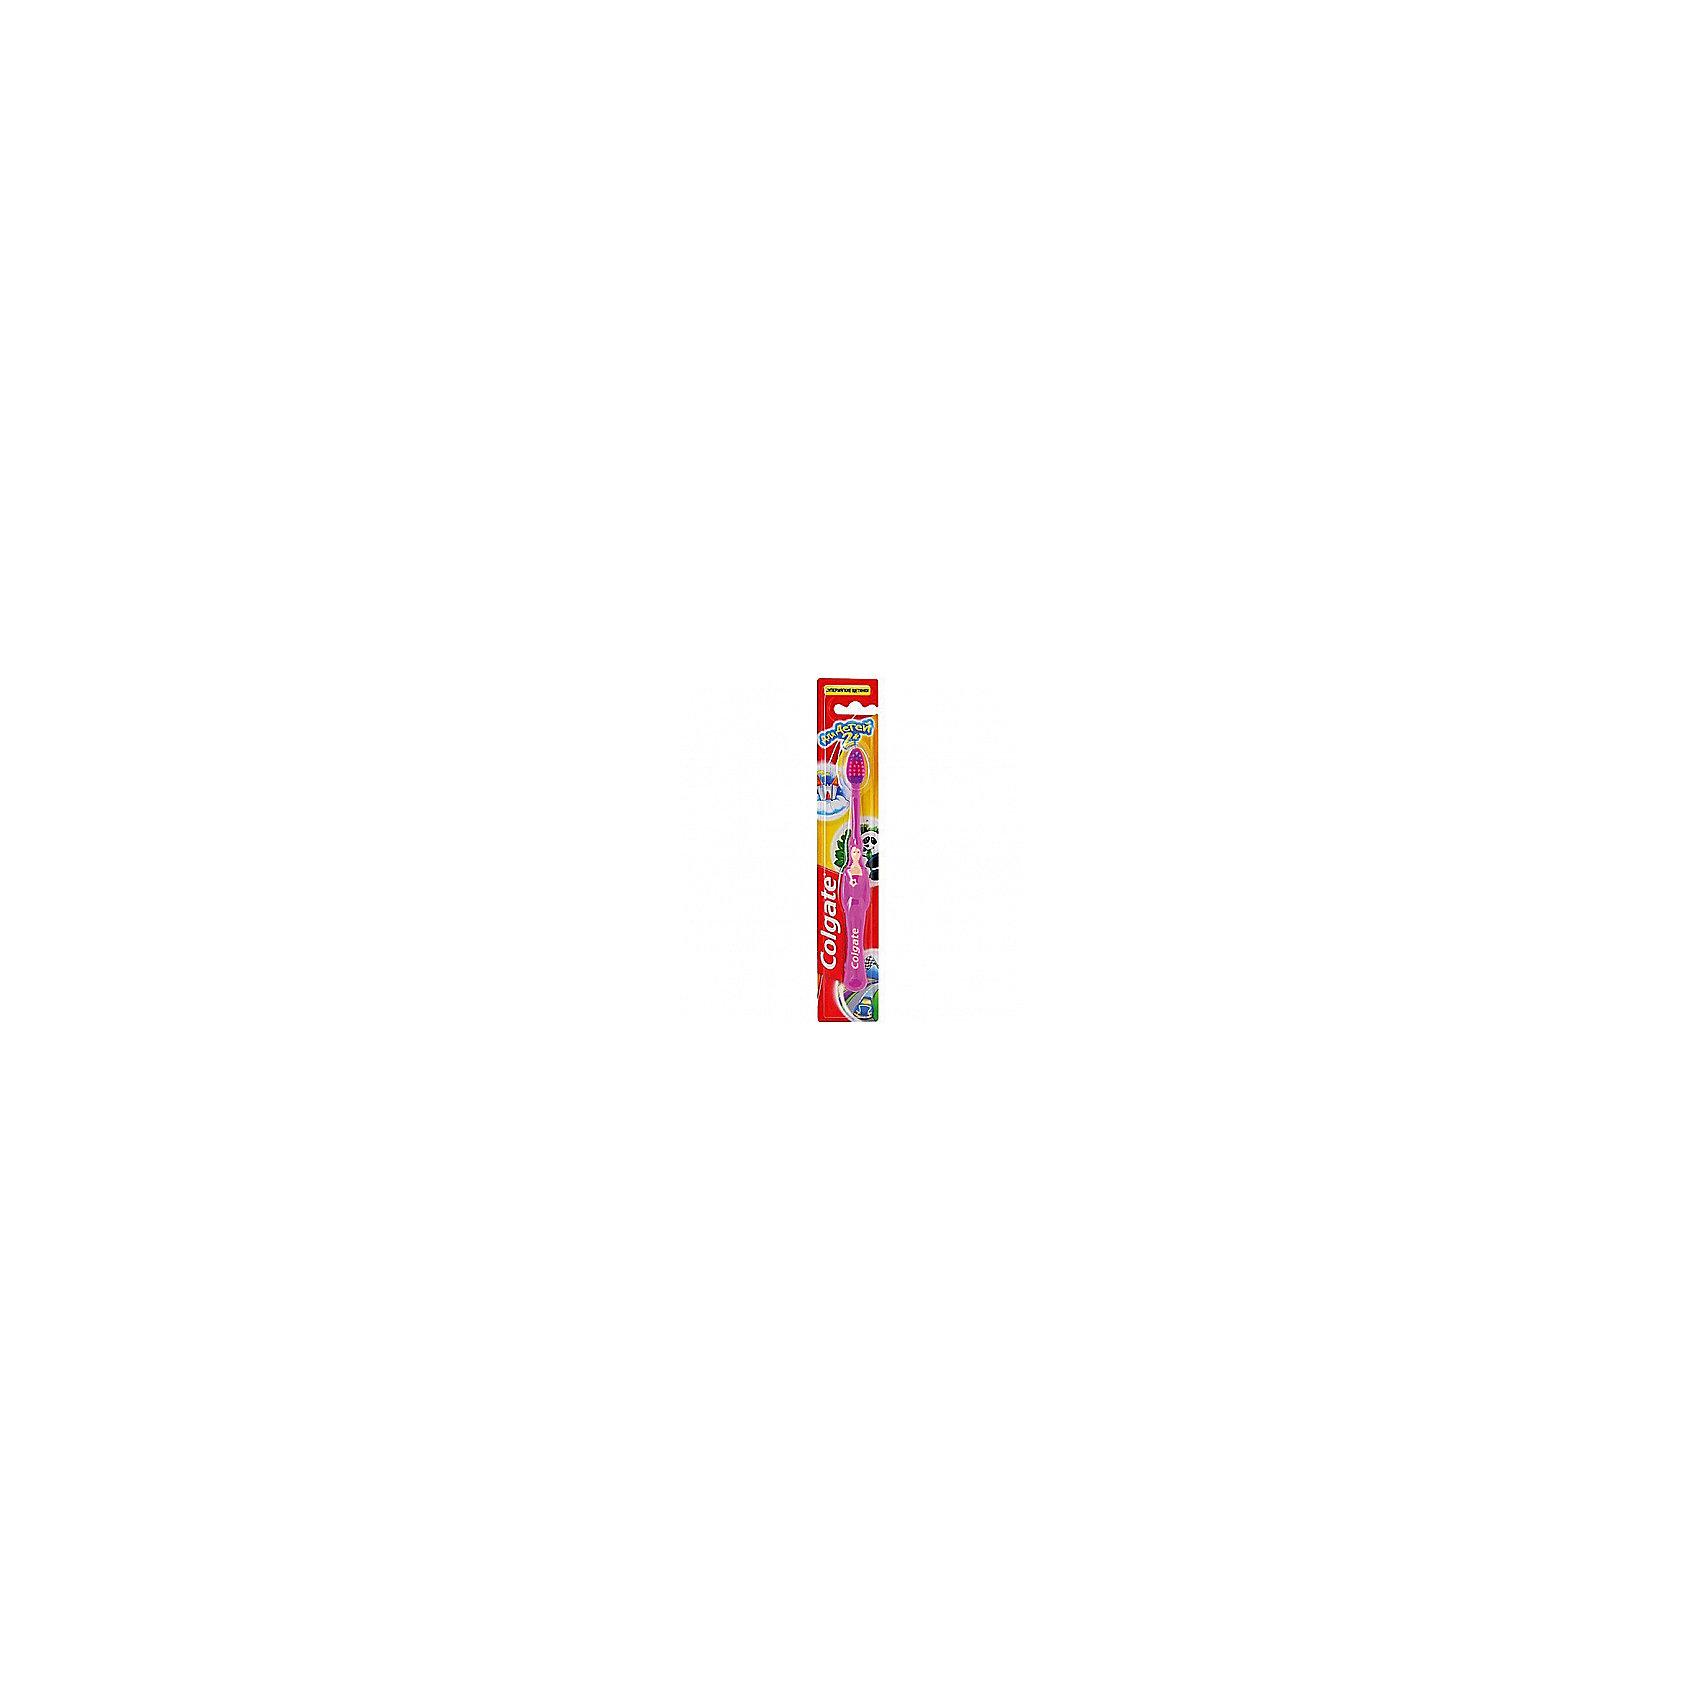 Зубная щётка супермягкая для детей от 2х лет, Colgate, фиолетовыйЗубная щётка супермягкая для детей от 2х лет от знаменитого американского бренда Colgate (Колгейт). Новая коллекция по уходу за ротовой полостью специально разработана компанией, чтобы дети могли использовать только лучшие щетки. Эта яркая щеточка для зубов понравится малышу и он захочет сам чистить свои зубки. Экстра мягкие щетинки бережно очистят молочные зубки и не дадут повредить десна. Удобная ручка из пластика и резины не даст щеточке выскользнуть, а специальное углубление для большого пальчика научит интуитивно держать щетку. Небольшая закругленная щетка на тонкой ручке отлично подойдет для маленького ротика и достанет до удаленных уголков, а выделенная центральная часть щетки покажет сколько нужно наносить зубной пасты.<br>Дополнительная информация:<br>- В комплект входит: одна зубная щетка<br>Зубная щётка супермягкая для детей от 2х лет, Colgate (Колгейт) можно купить в нашем интернет-магазине.<br>Подробнее:<br>• Для детей в возрасте: от 2 лет<br>• Номер товара: 5008303<br>Страна производитель: Китай<br><br>Ширина мм: 300<br>Глубина мм: 100<br>Высота мм: 50<br>Вес г: 100<br>Возраст от месяцев: 24<br>Возраст до месяцев: 2147483647<br>Пол: Унисекс<br>Возраст: Детский<br>SKU: 5008303